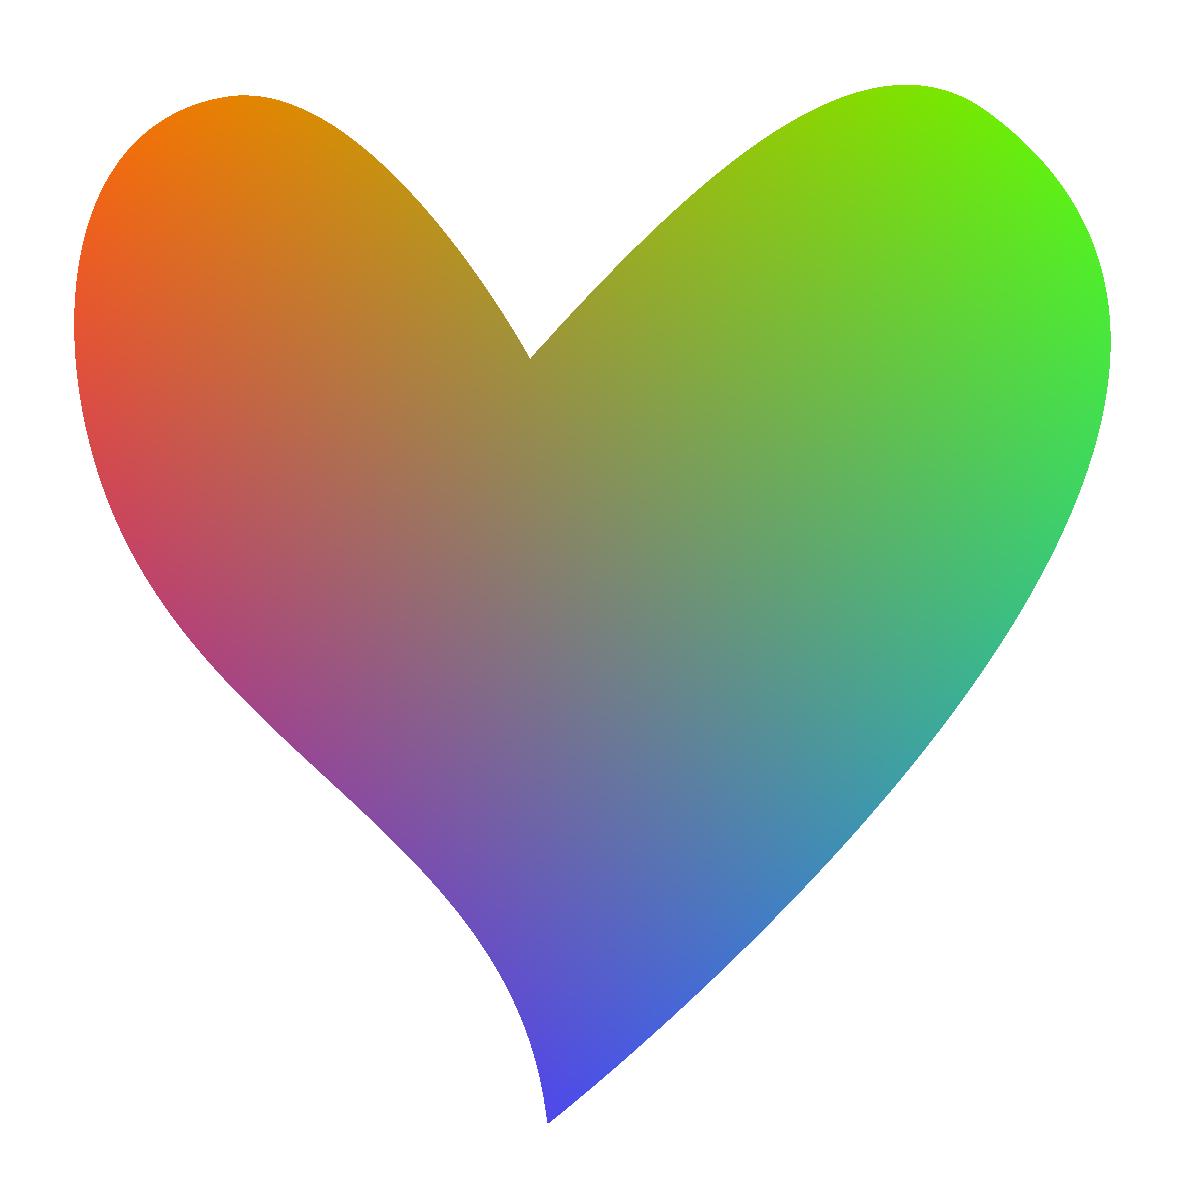 Heart Clip Art Wallpaper Heart Clipart Image 13 21619